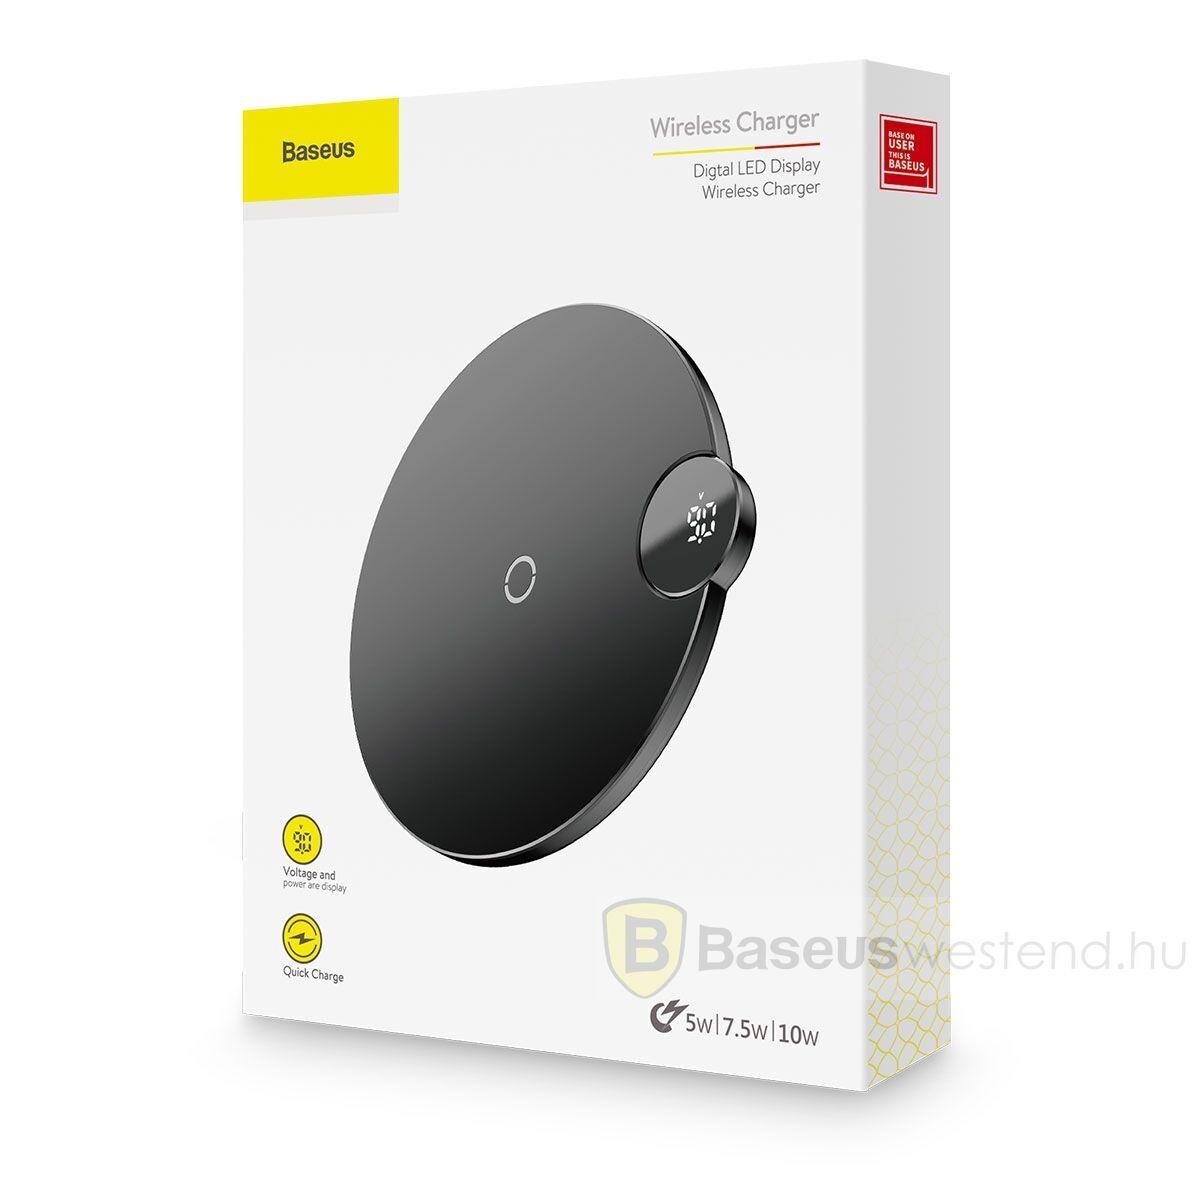 Baseus vezeték nélküli töltő, digitális LED kijelző 10W, fekete (WXsX-01)